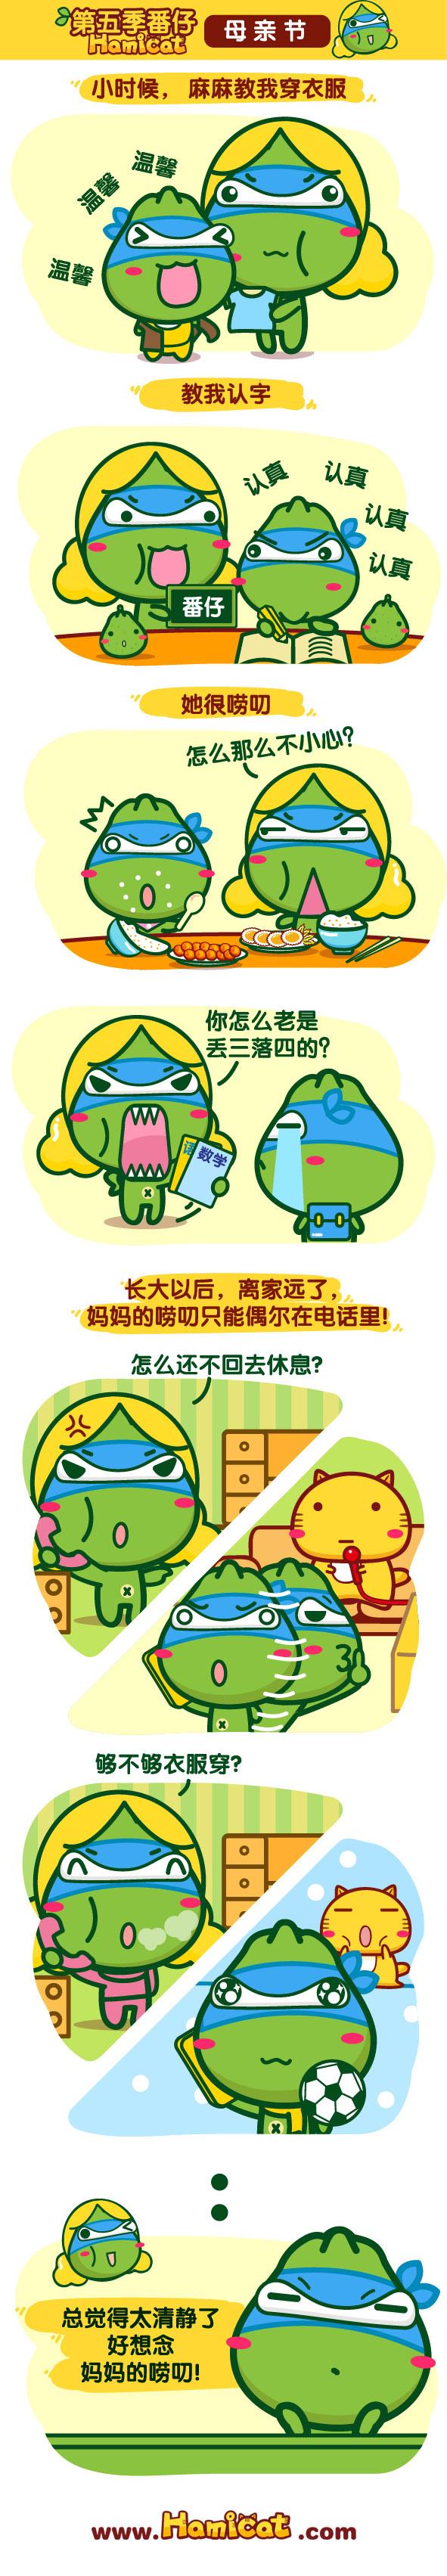 健力宝x哈咪猫漫画5月-04.jpg